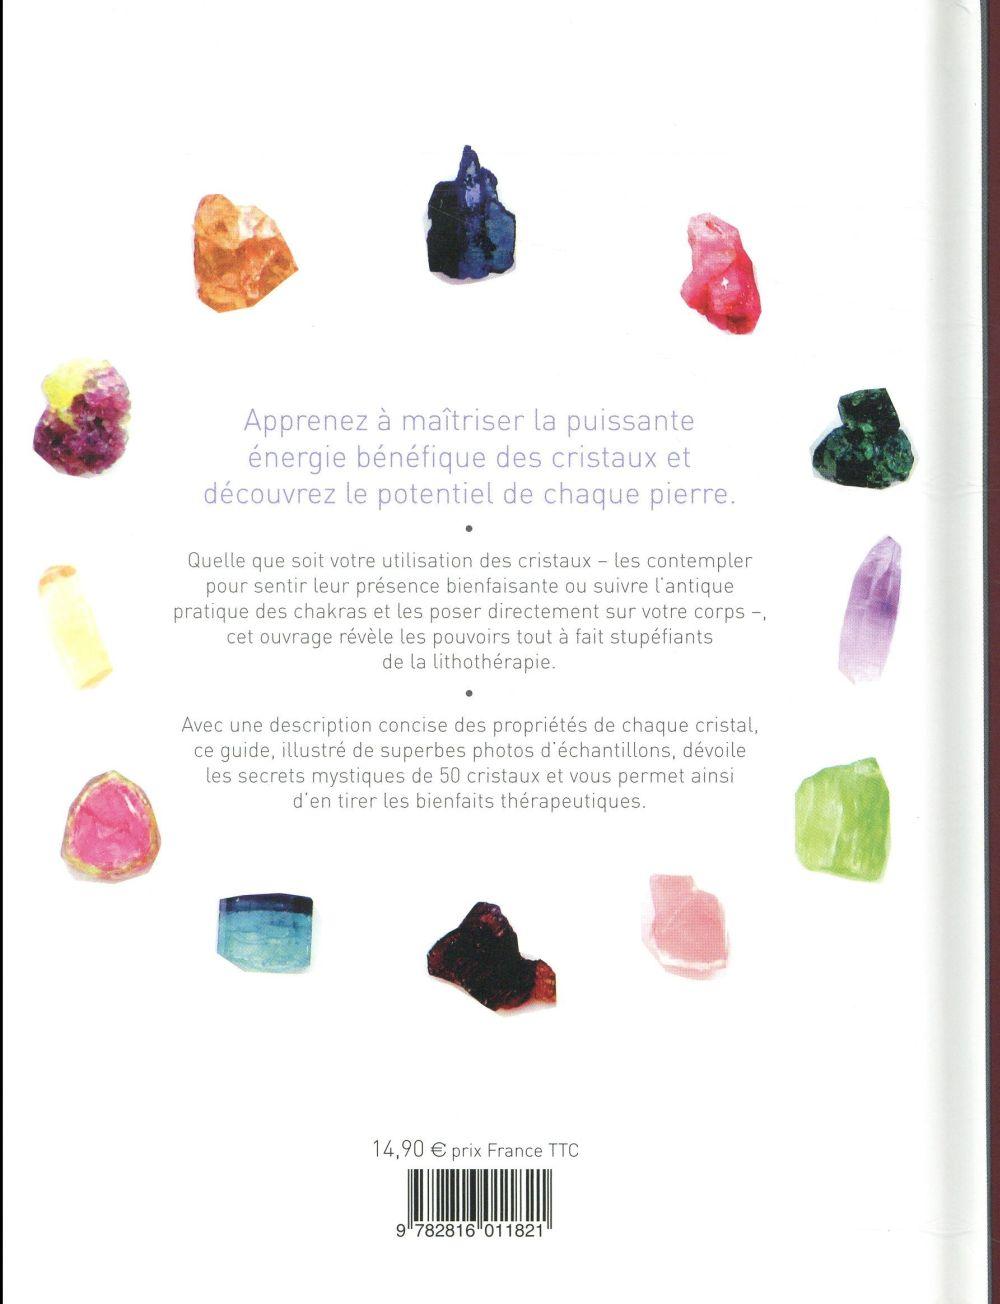 Le pouvoir des cristaux ; les 50 cristaux les plus bénéfiques pour votre santé et votre bien être